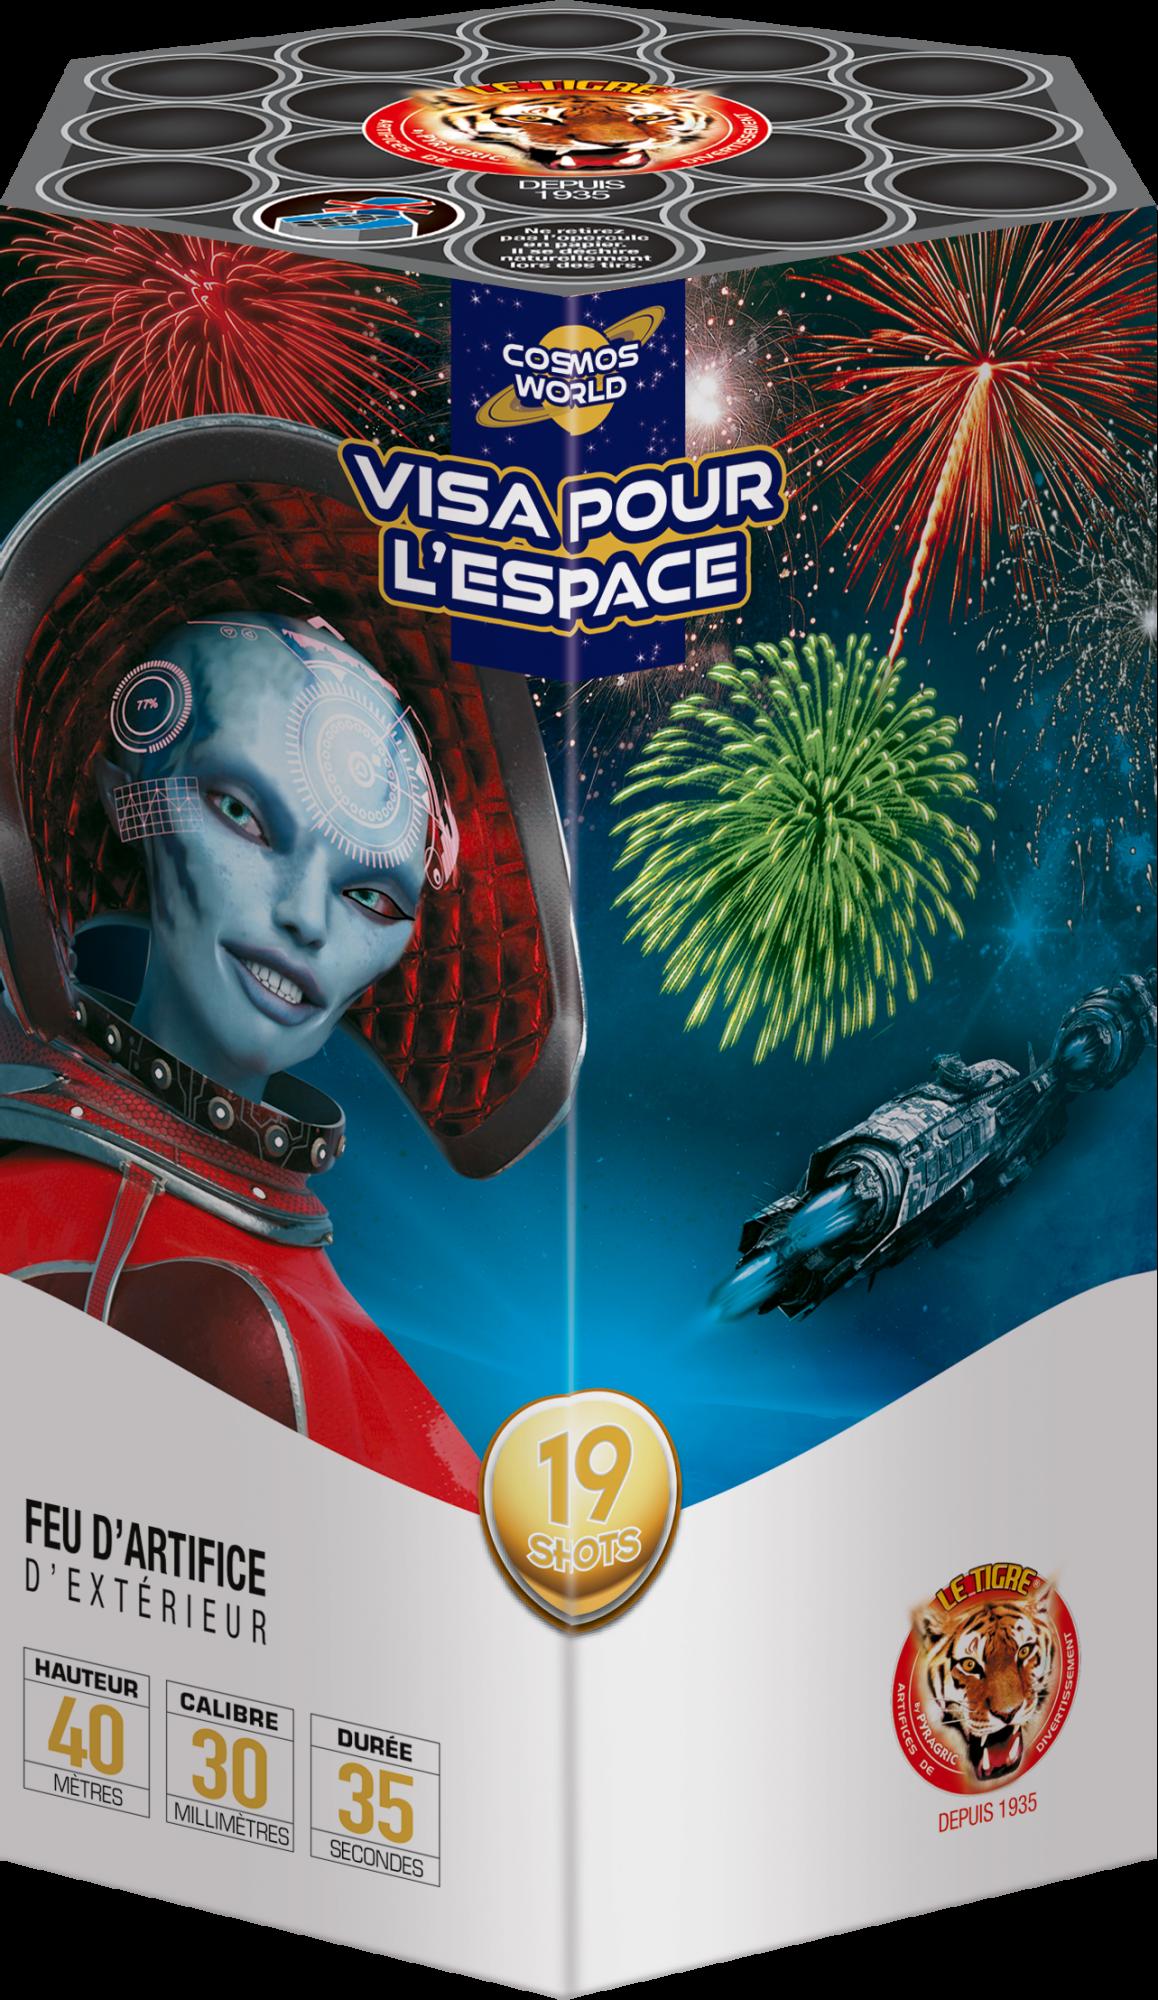 P151599-VISA POUR ESPACE